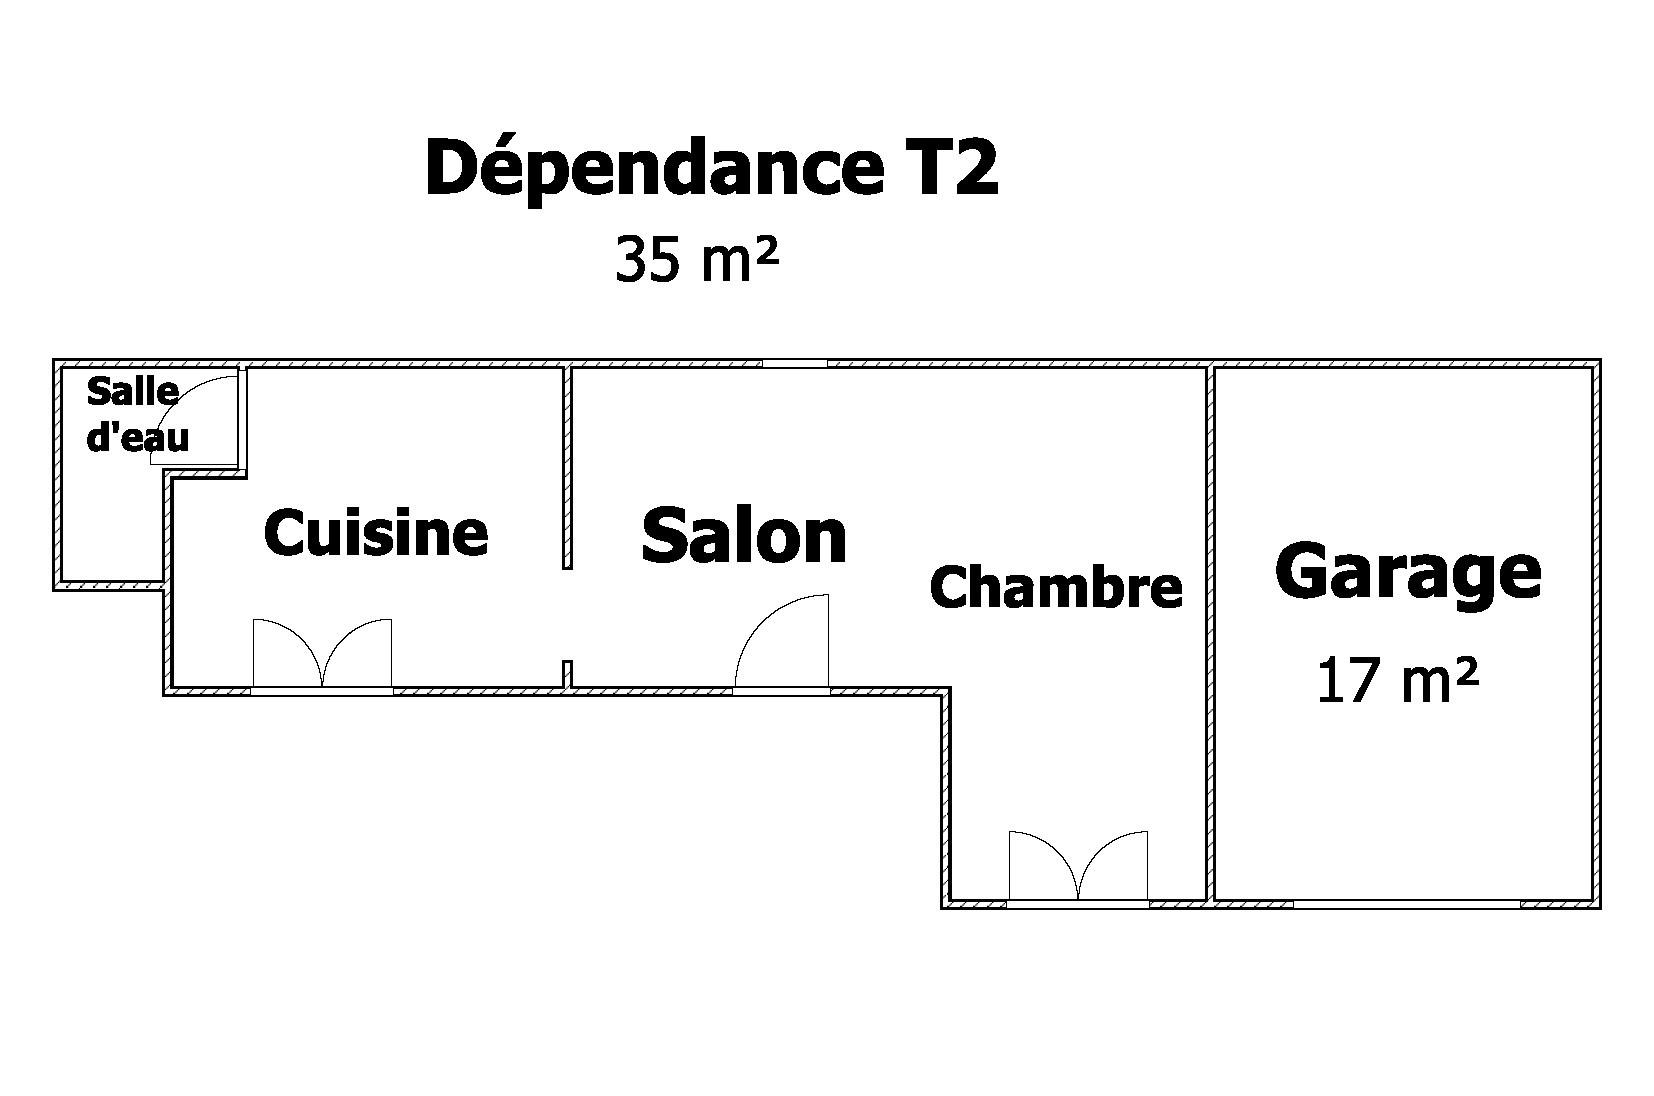 Plan dépendance T2 ZOOM